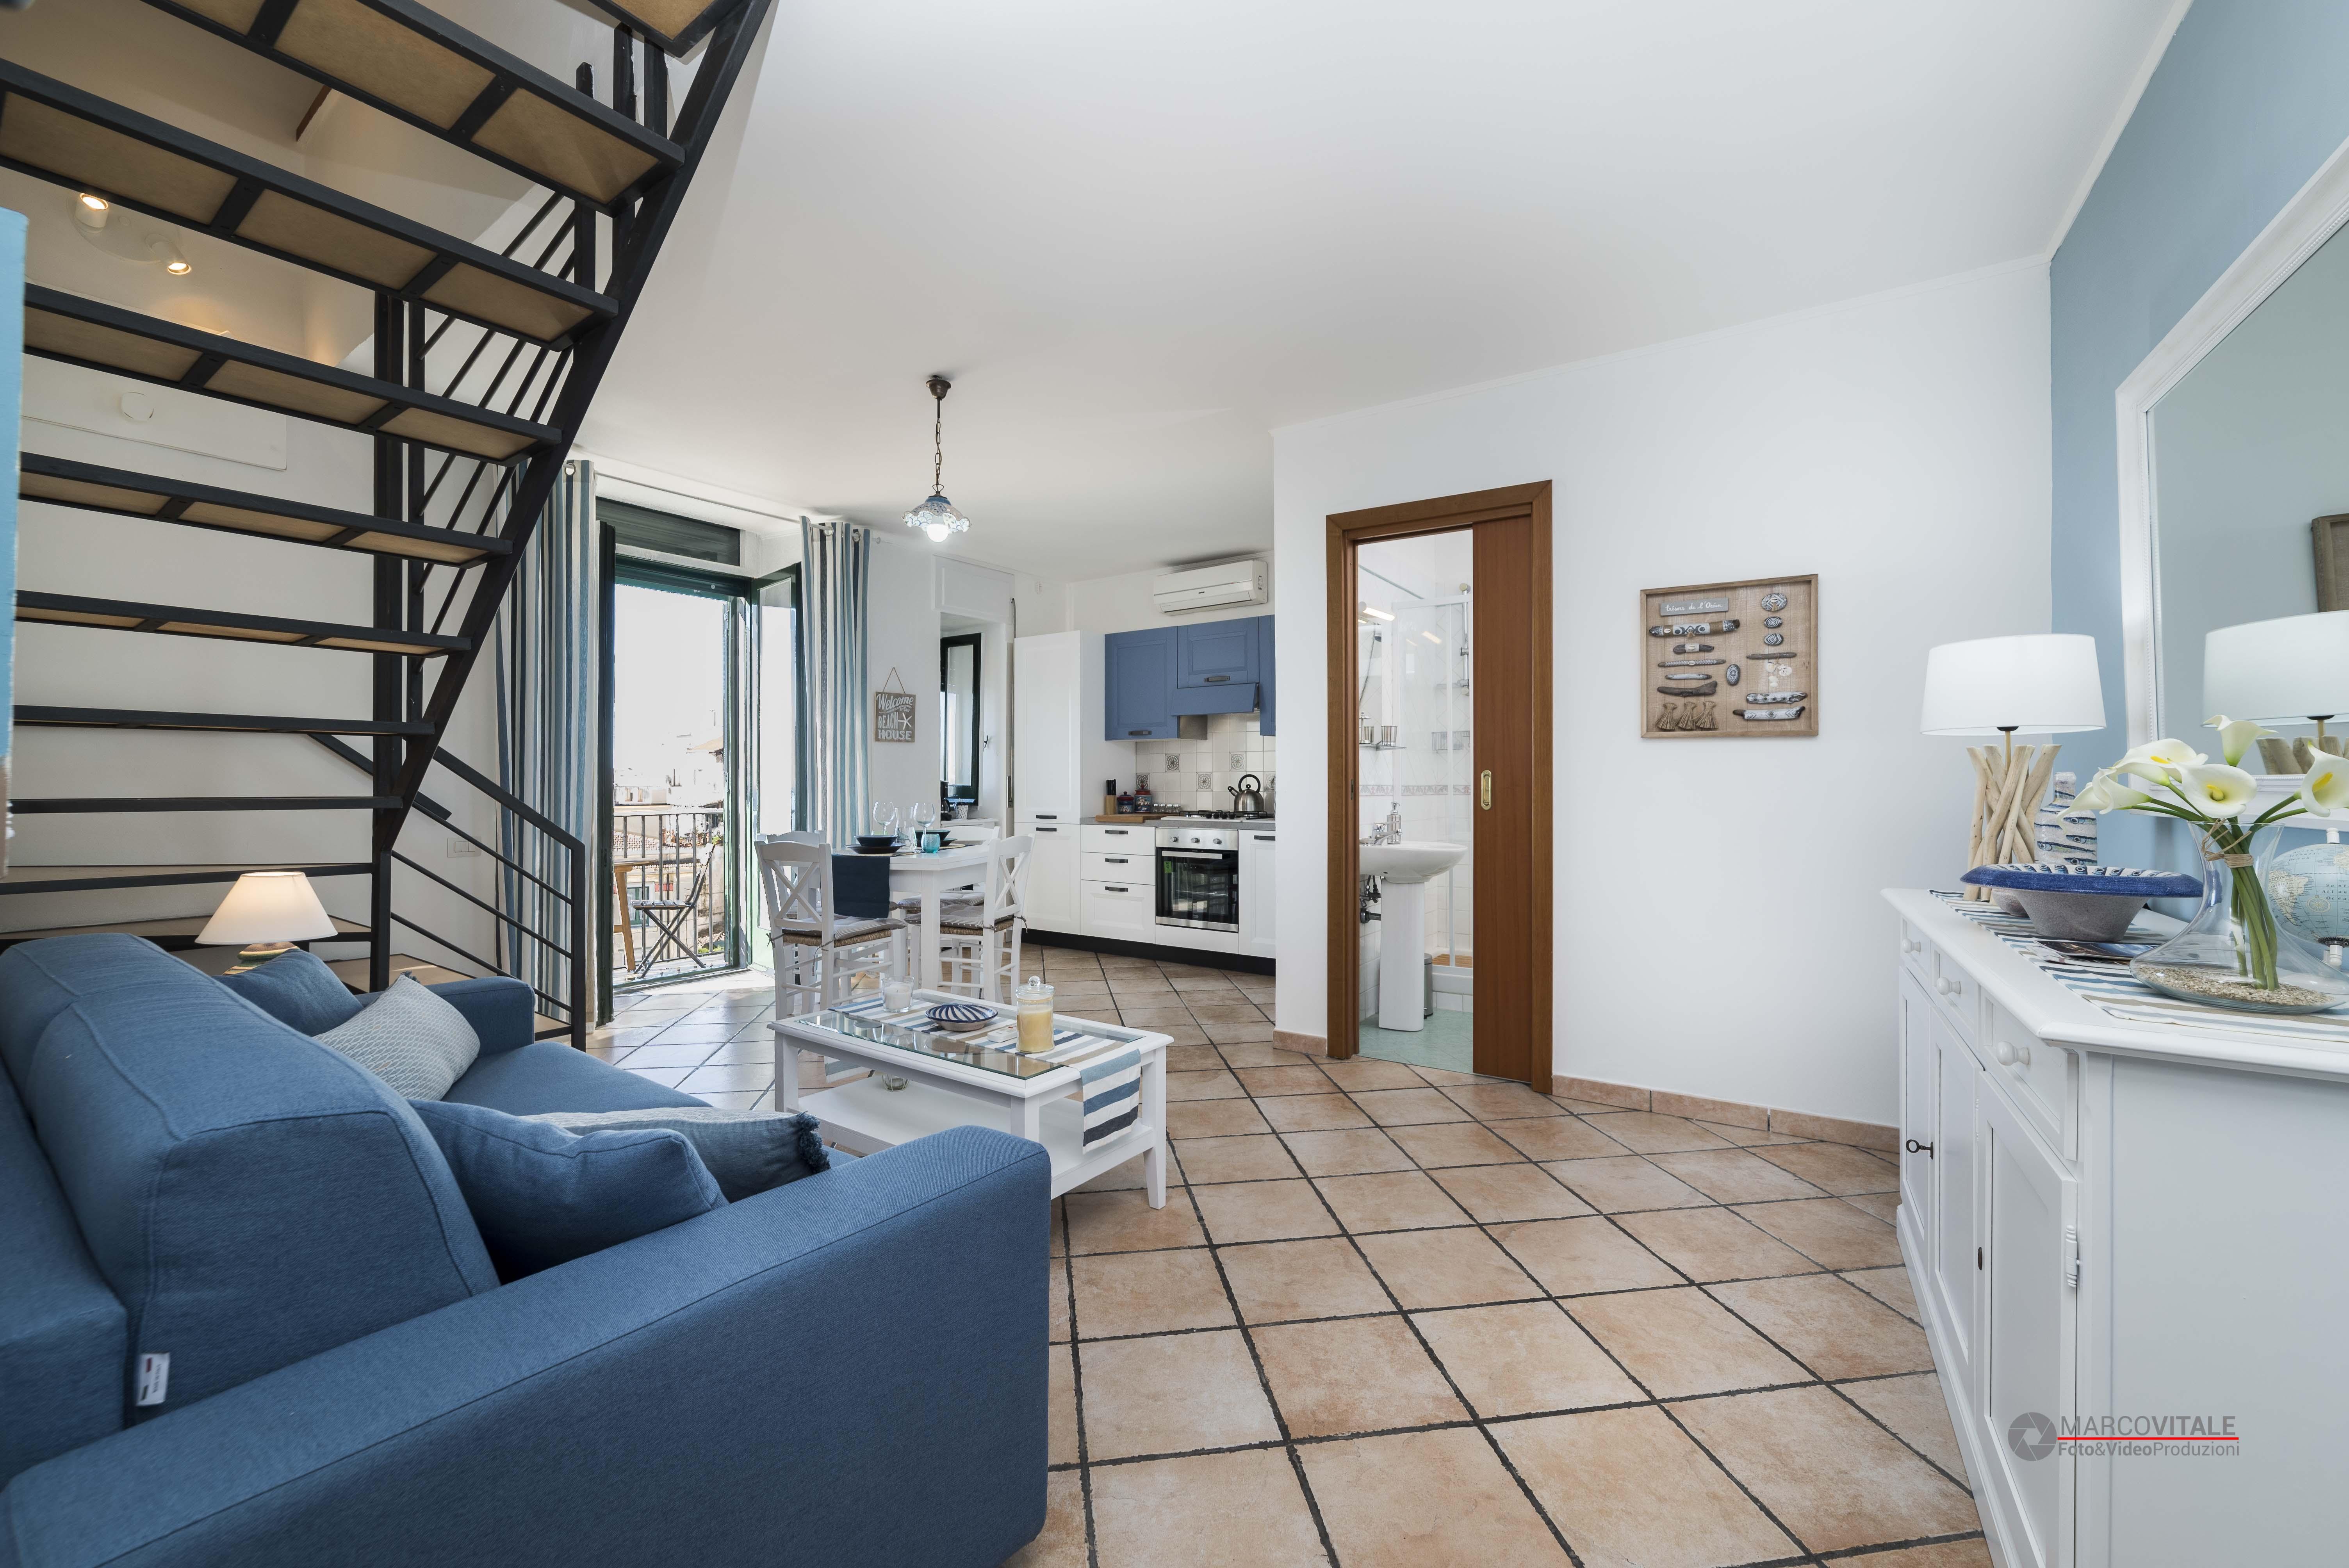 Fotografo per Case Vacanze - Palazzo Carrano - Vietri sul Mare